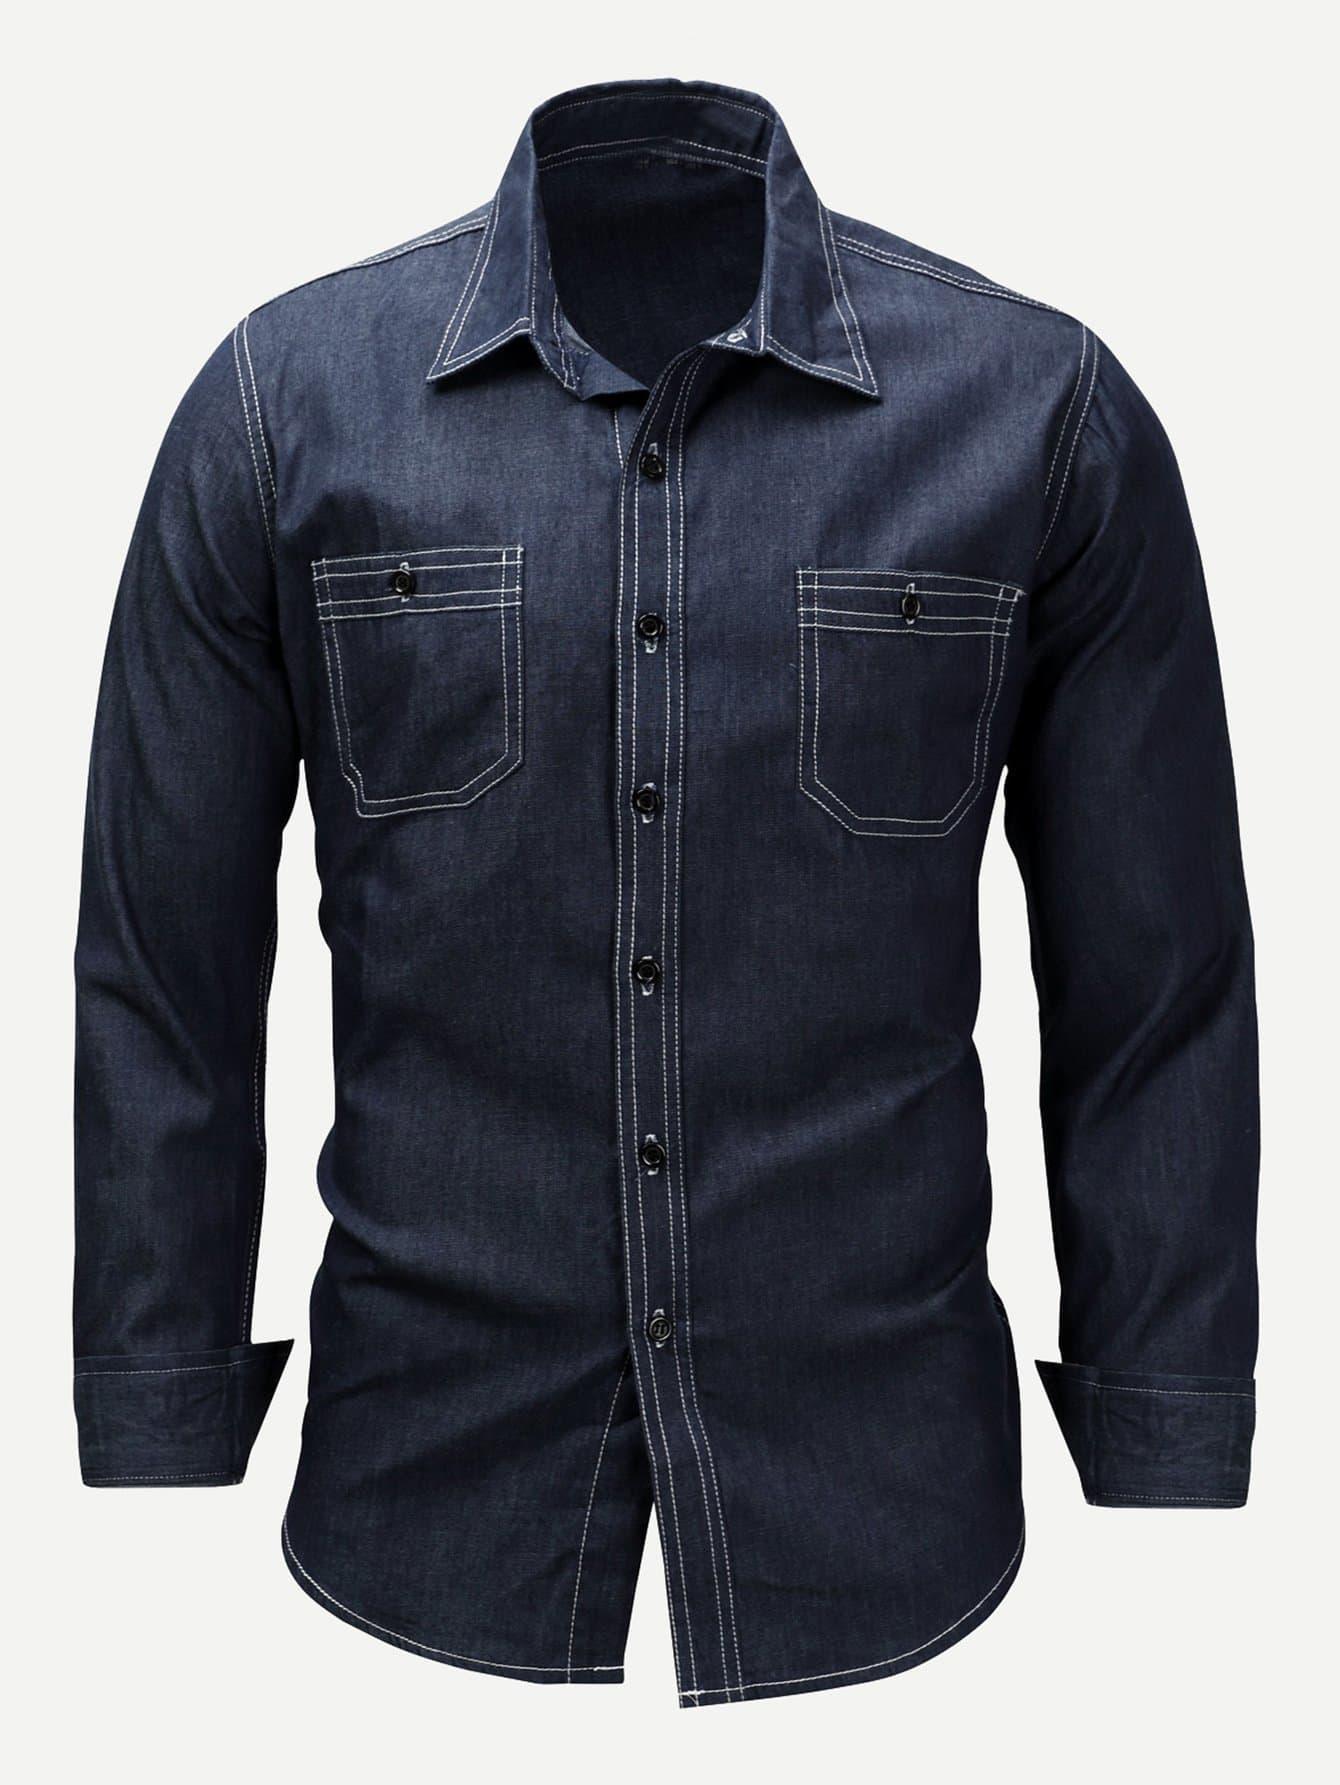 Men Pocket Front Denim Shirt Men Pocket Front Denim Shirt